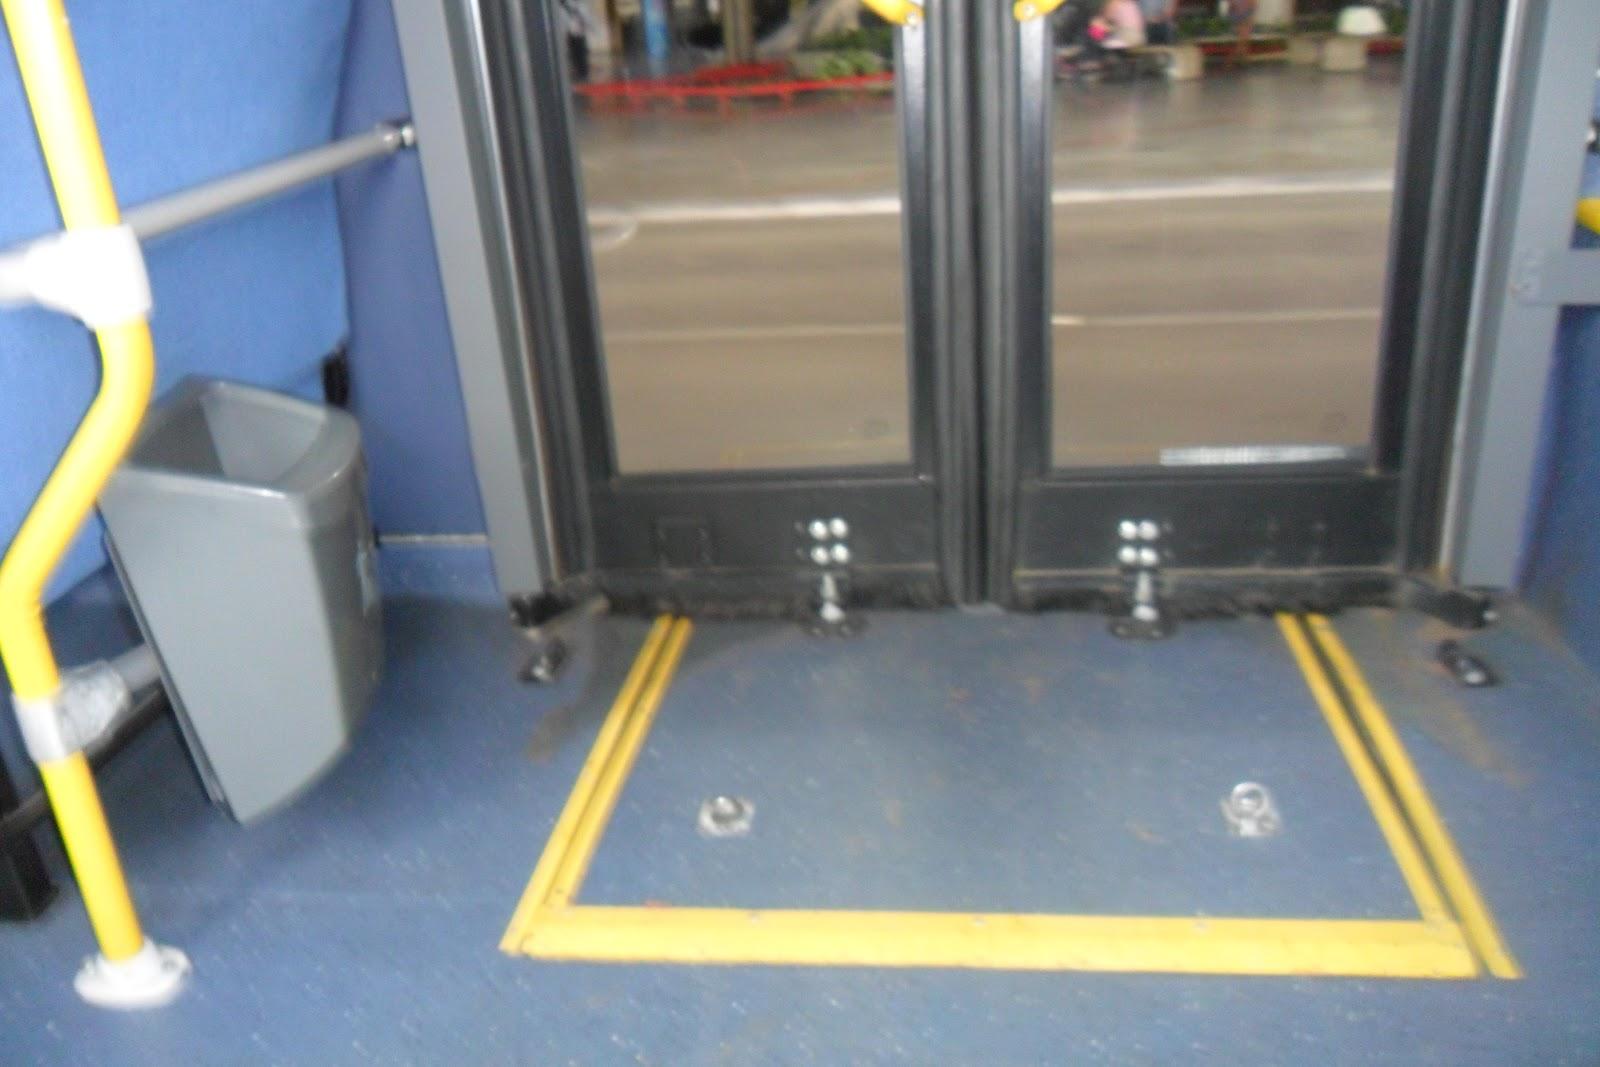 BLOG DAS PESSOAS COM DEFICIÊNCIA: ÔNIBUS ACESSÍVEL EM BRASILIA #B6A115 1600x1067 Adaptação Banheiro Cadeirante